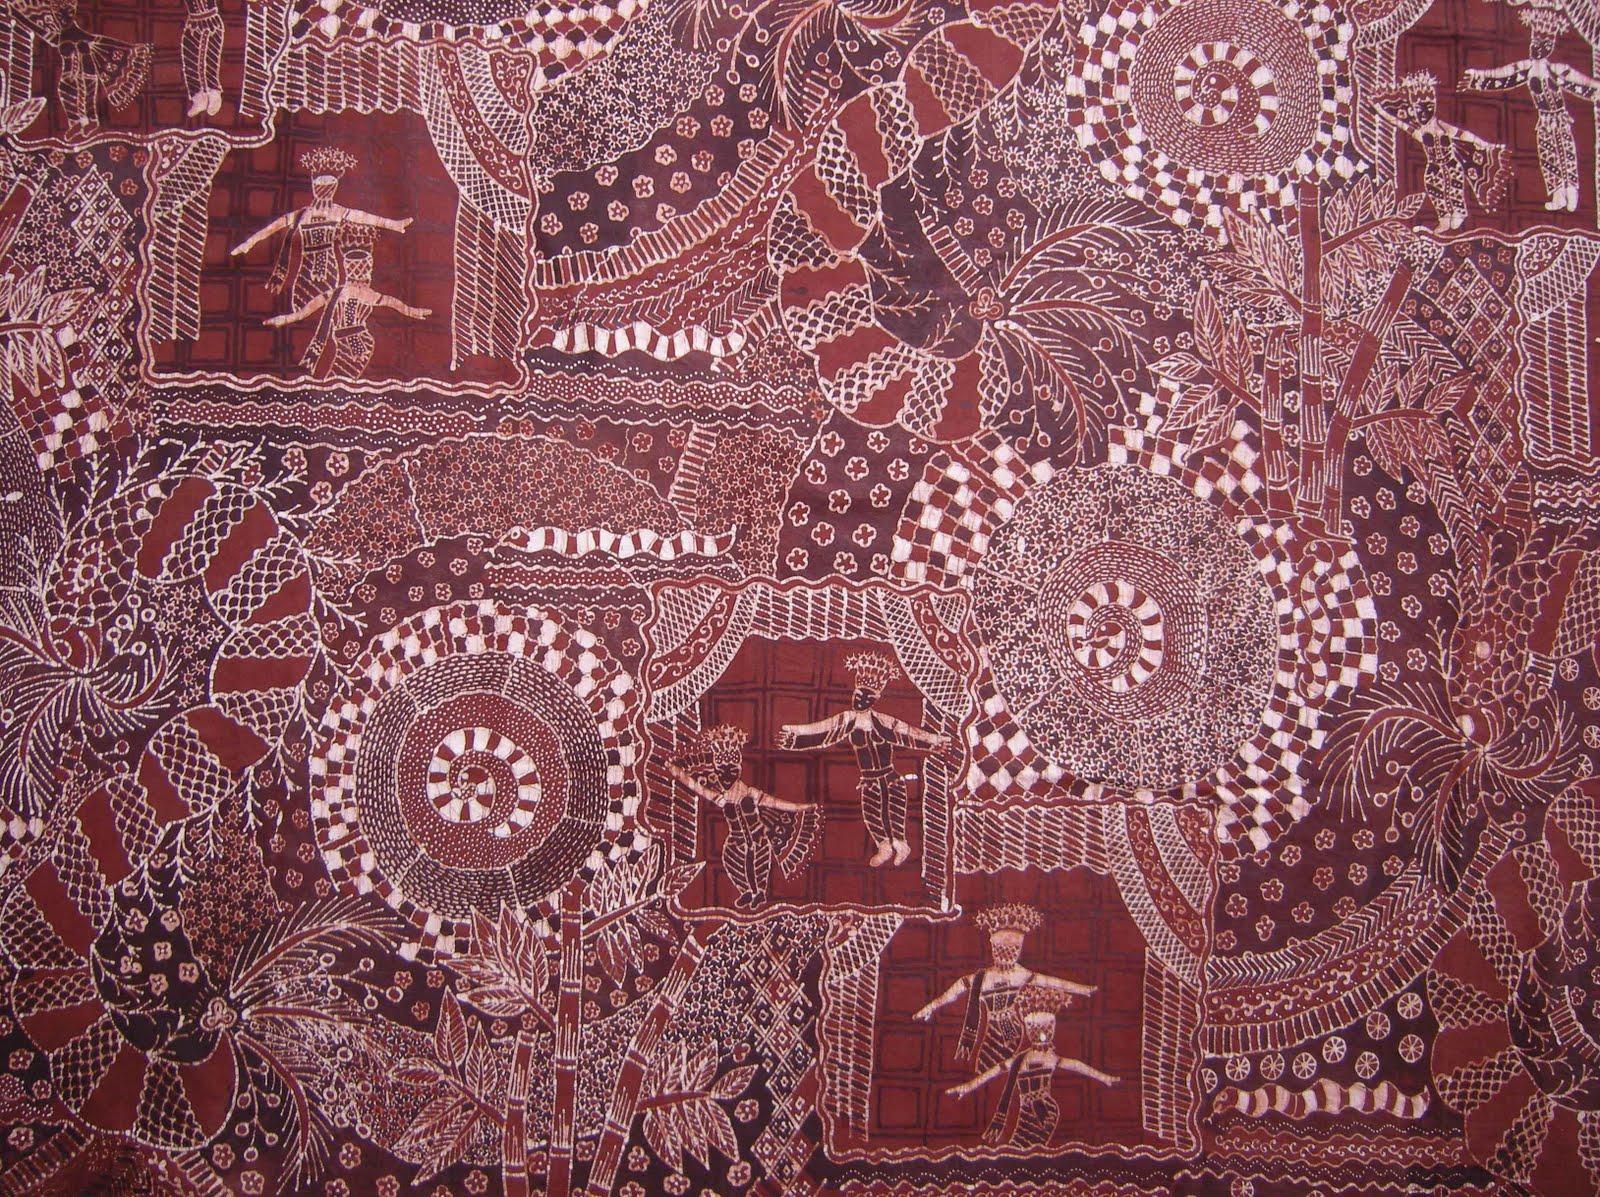 1600x1197 diary batikku kreasi cantik batik warna alam